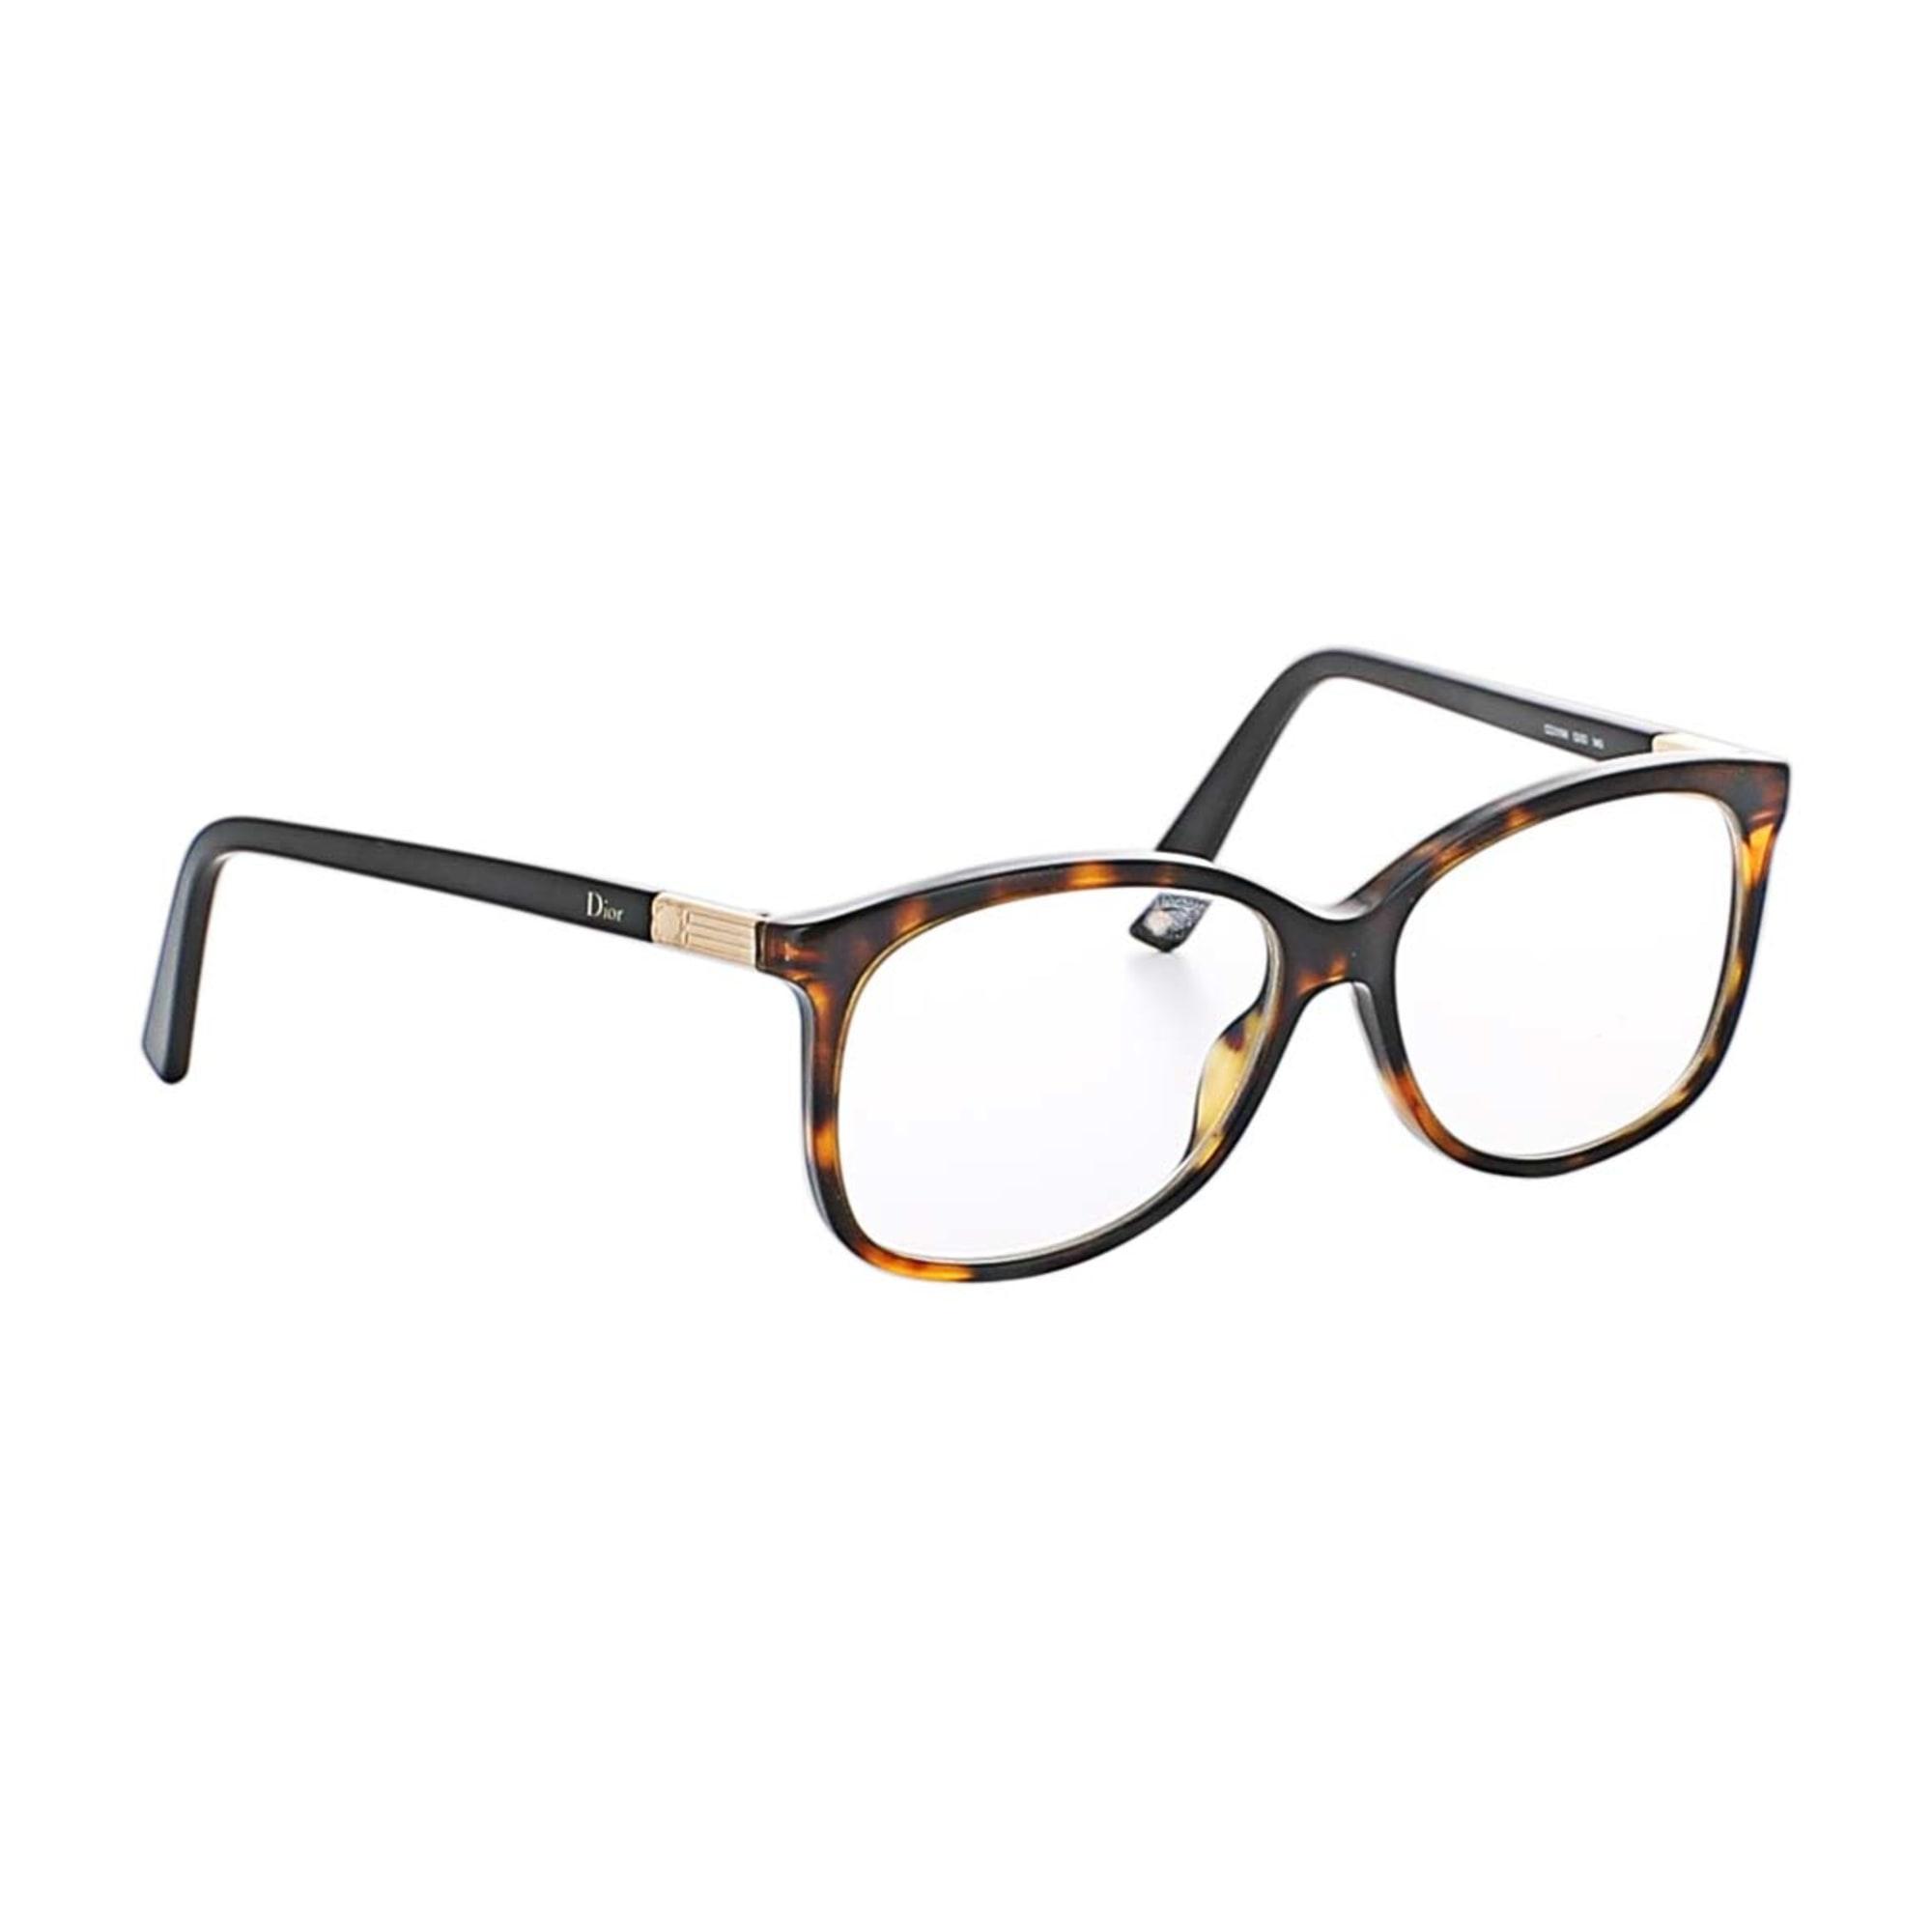 Monture de lunettes DIOR ecaillé vendu par Dressing de messy - 7163199 bb1f4cc23194